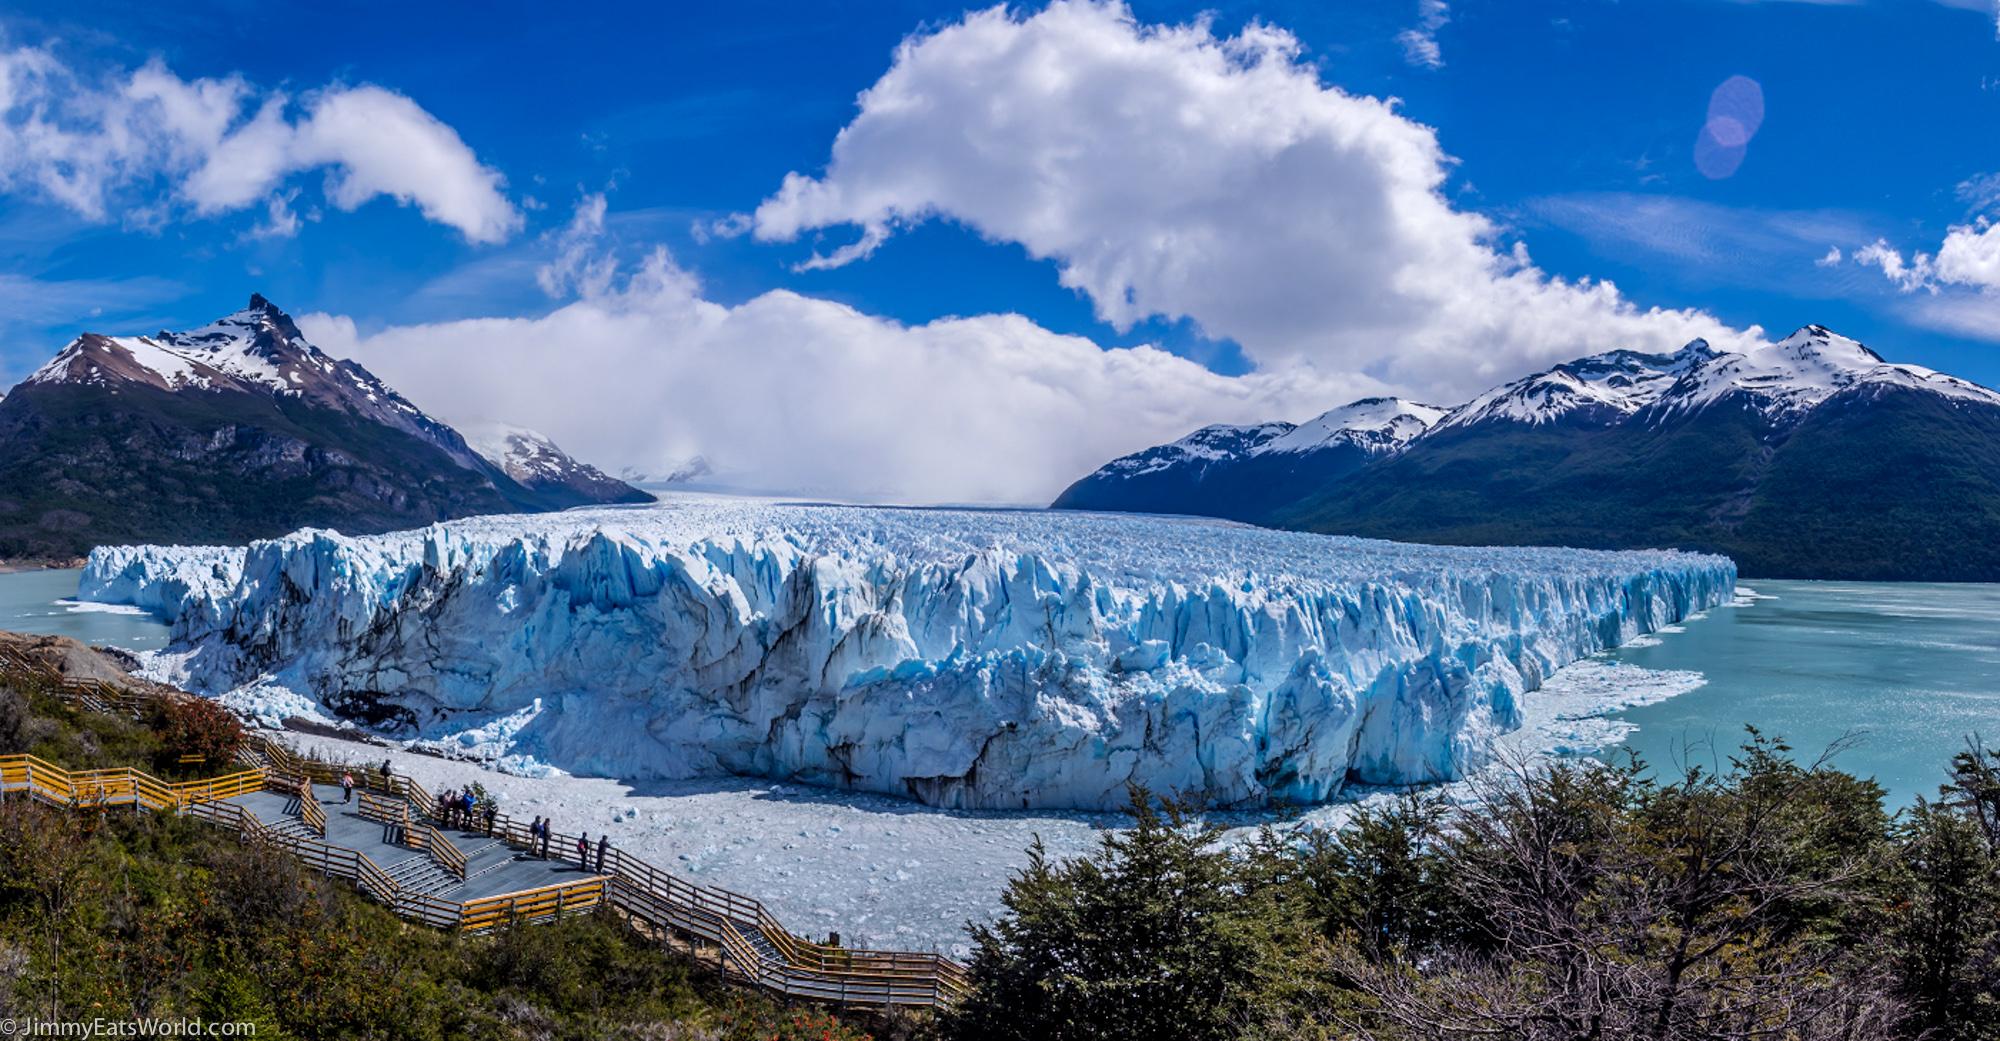 Explora Patagonia Calafate and Perito Moreno Glacier